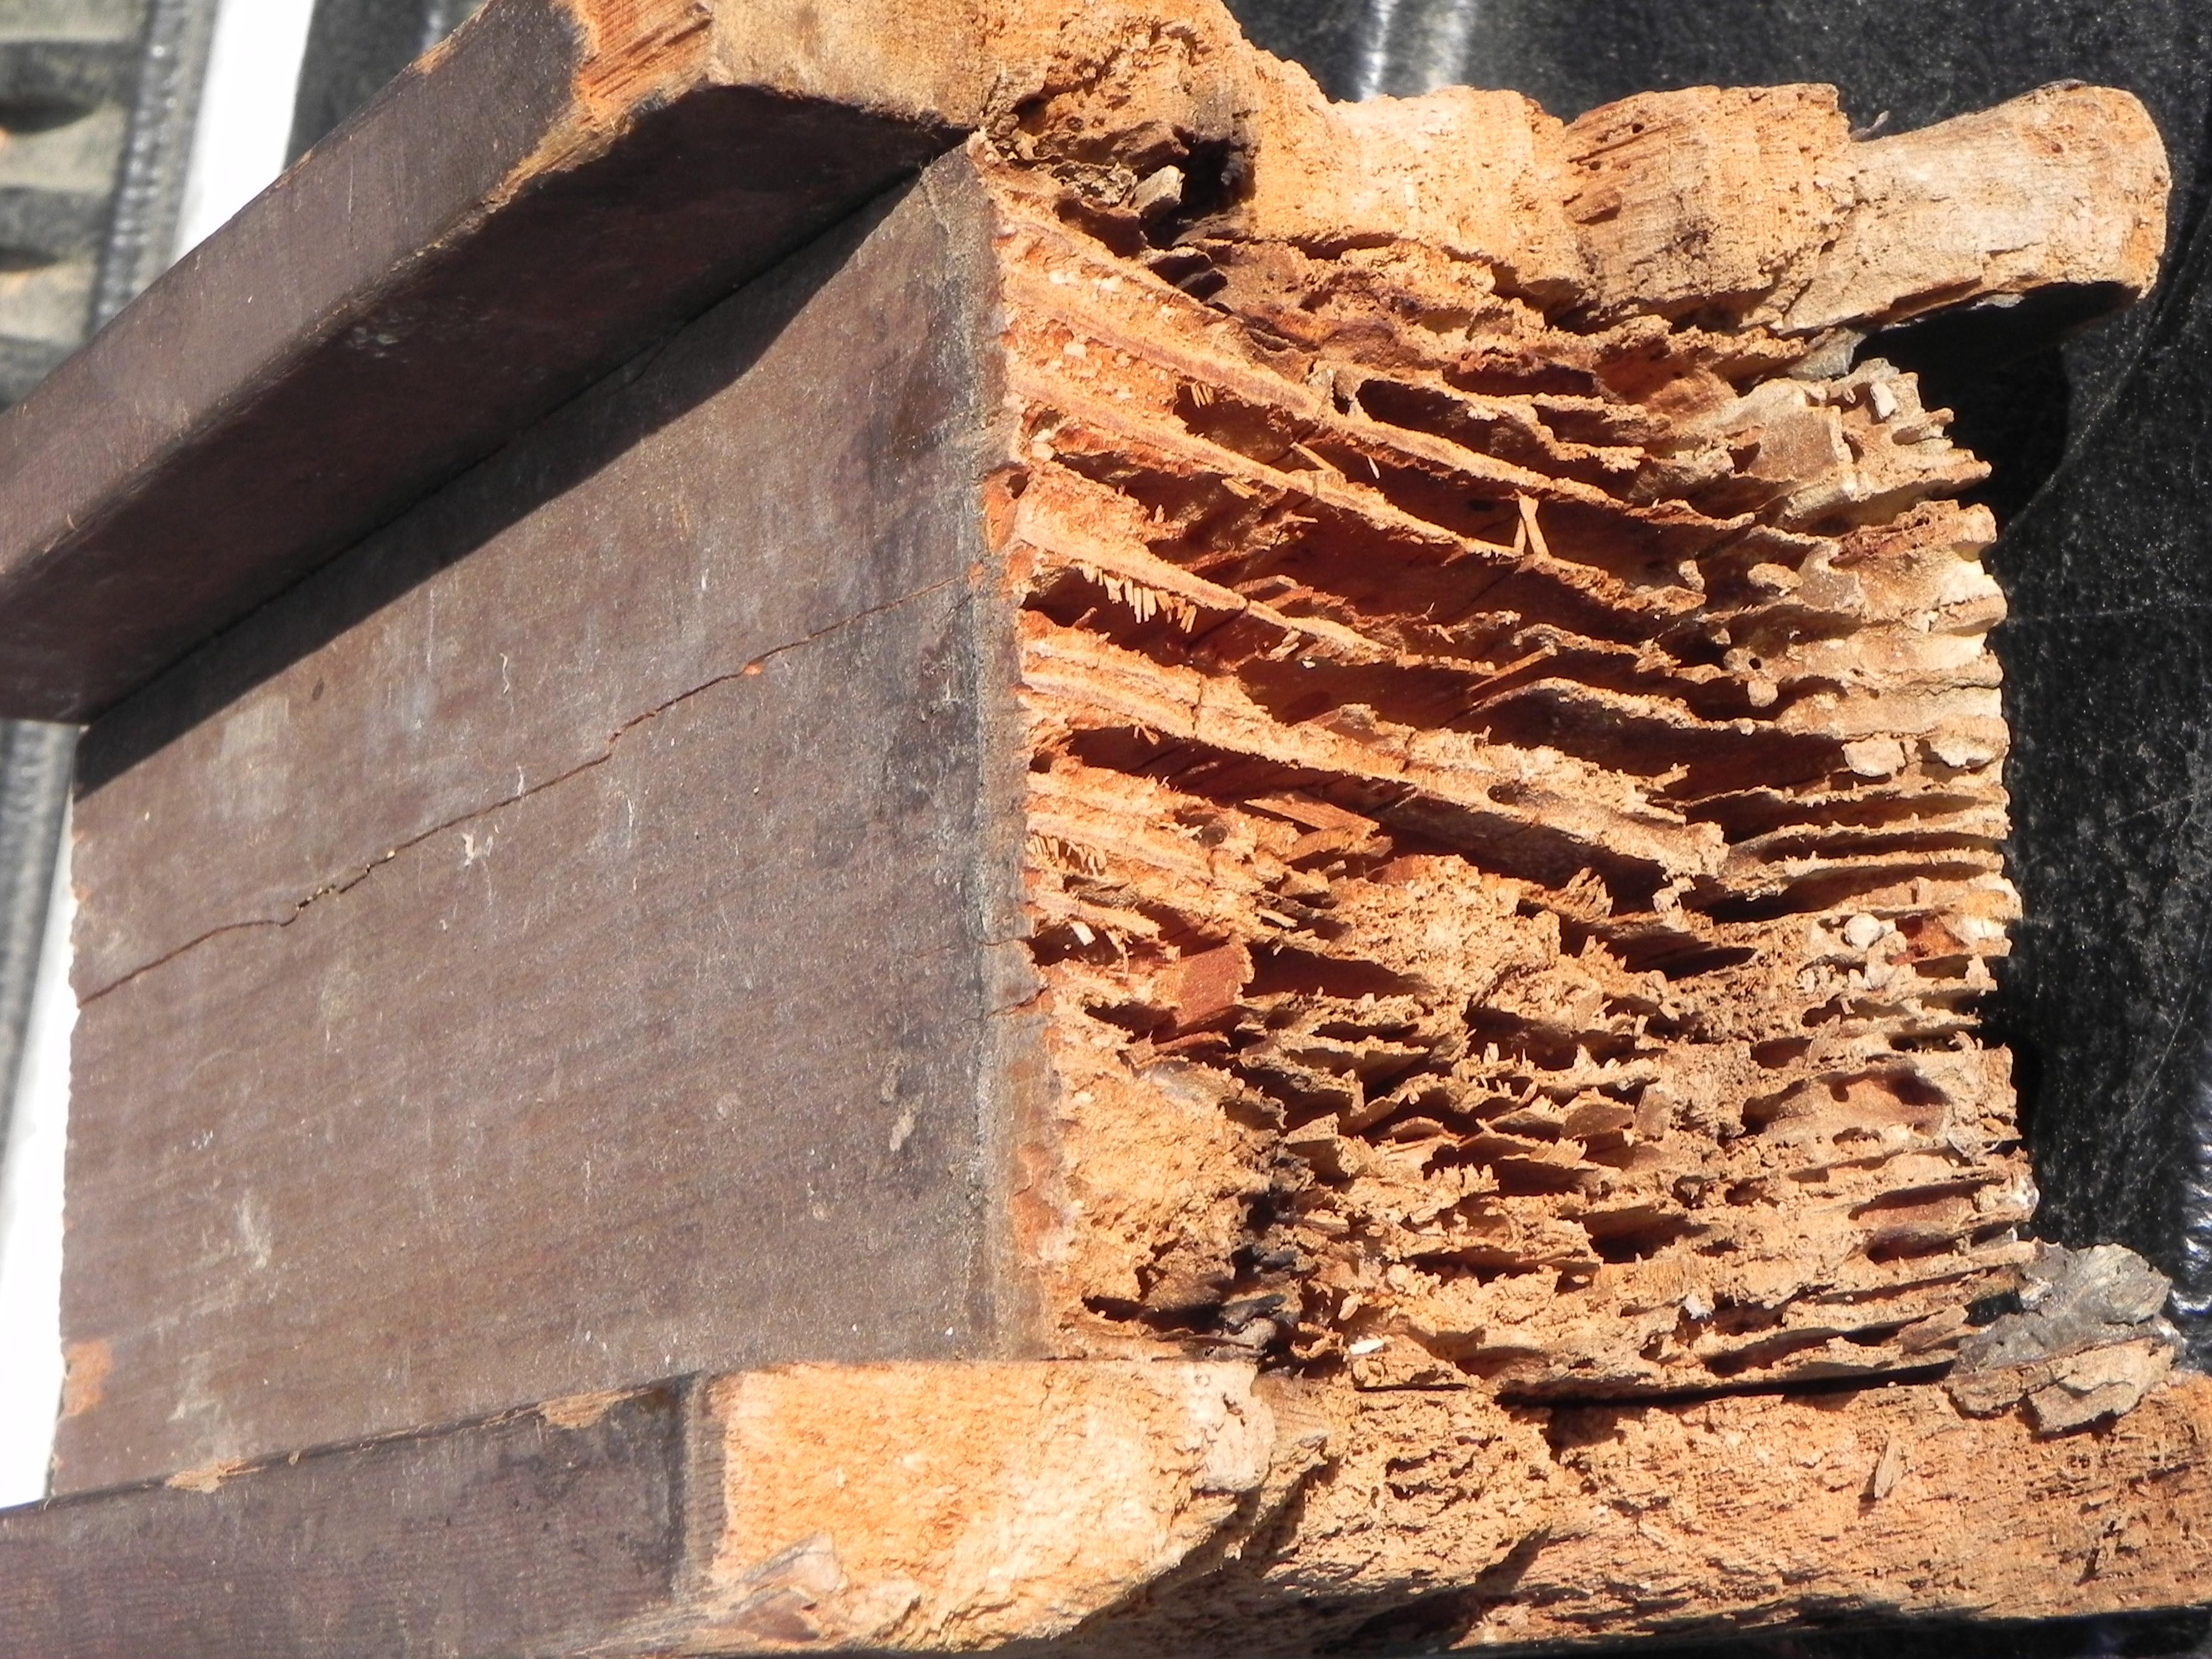 Termite Images Of Termite Damage